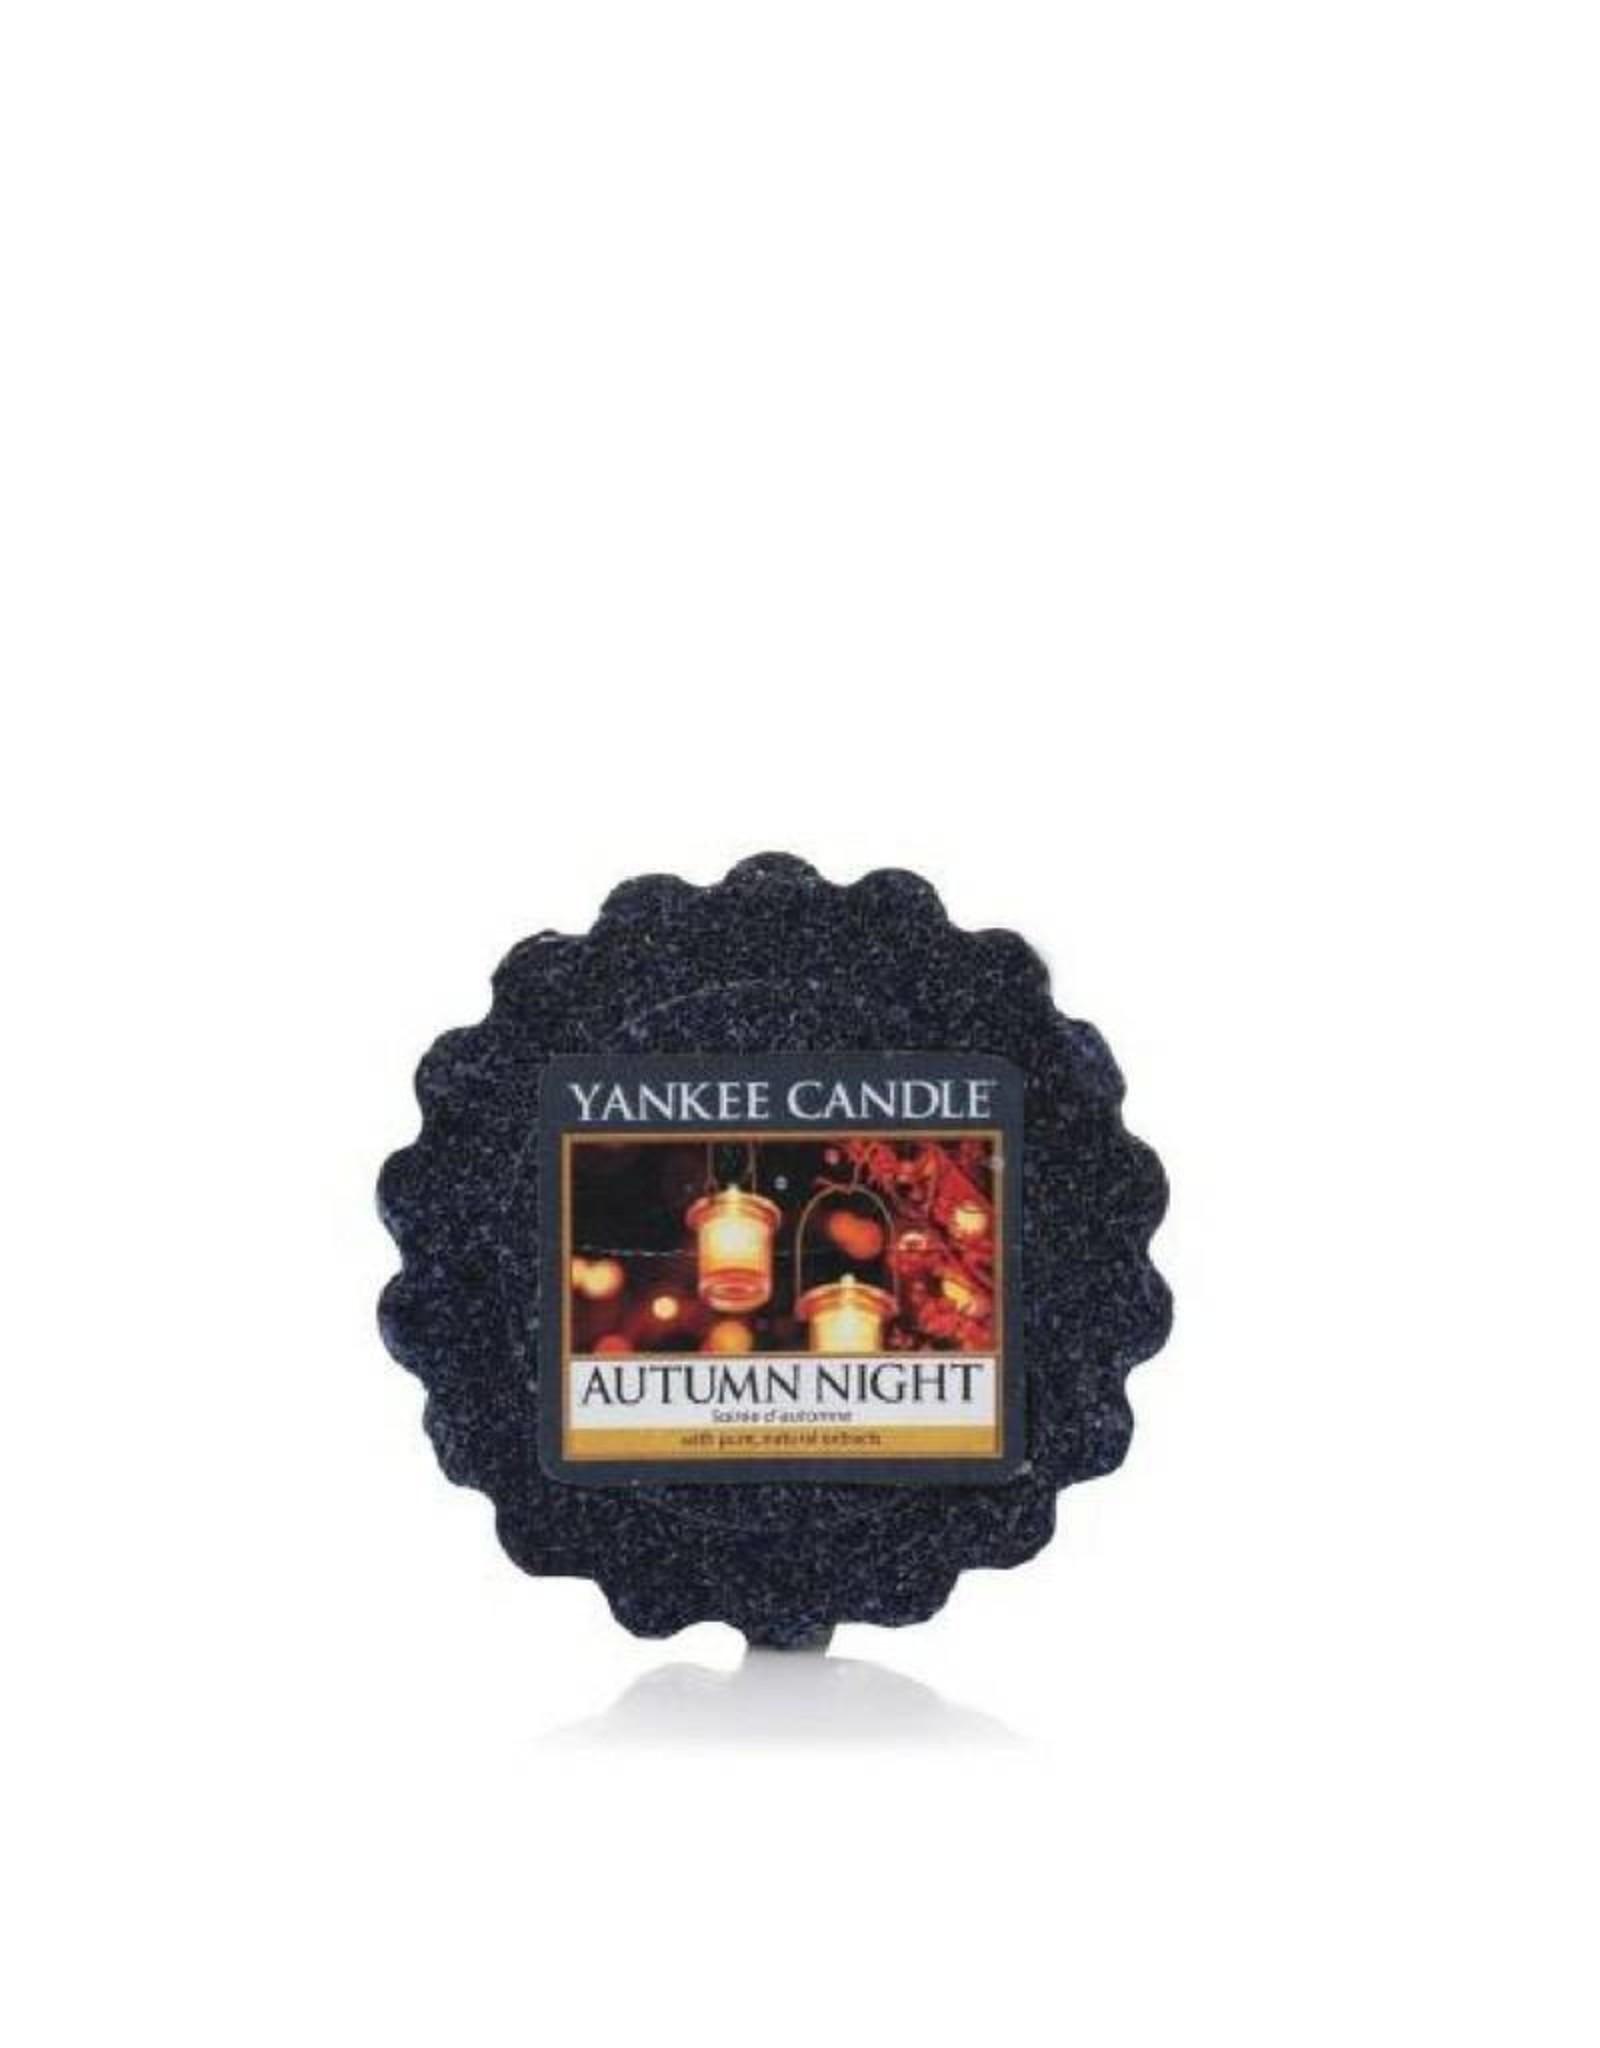 Yankee Candle Autumn Night Tart